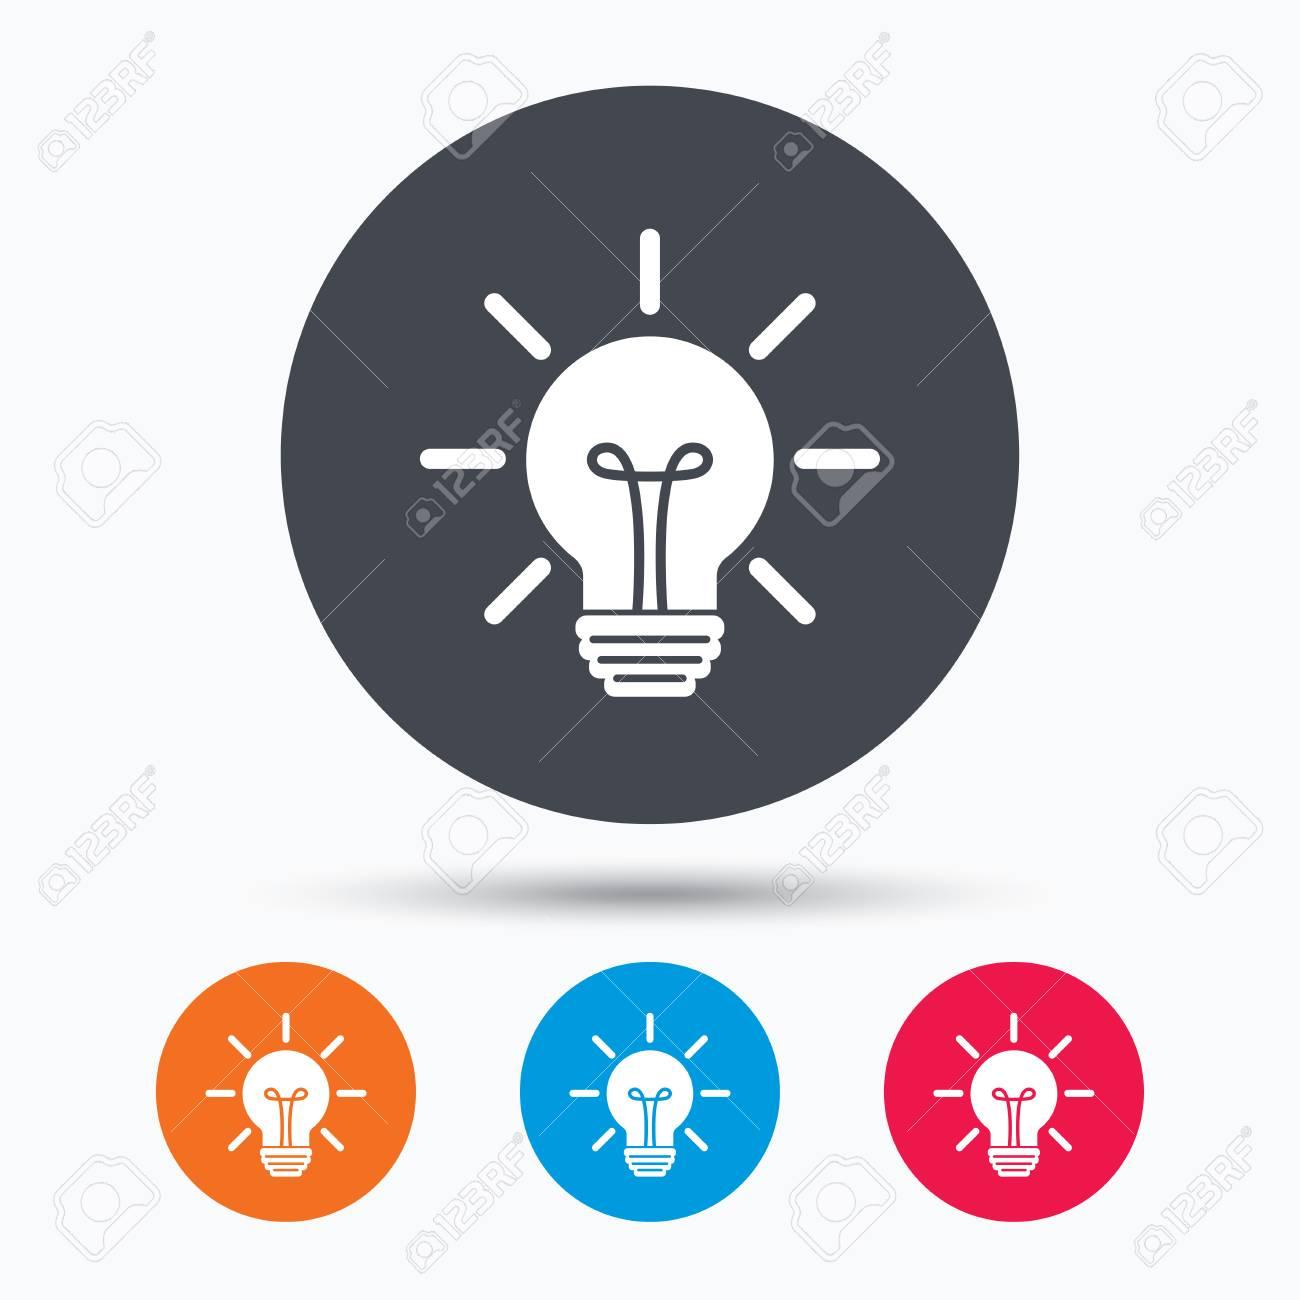 Nett Entwurf Elektrischer Symbole Fotos - Elektrische Schaltplan ...